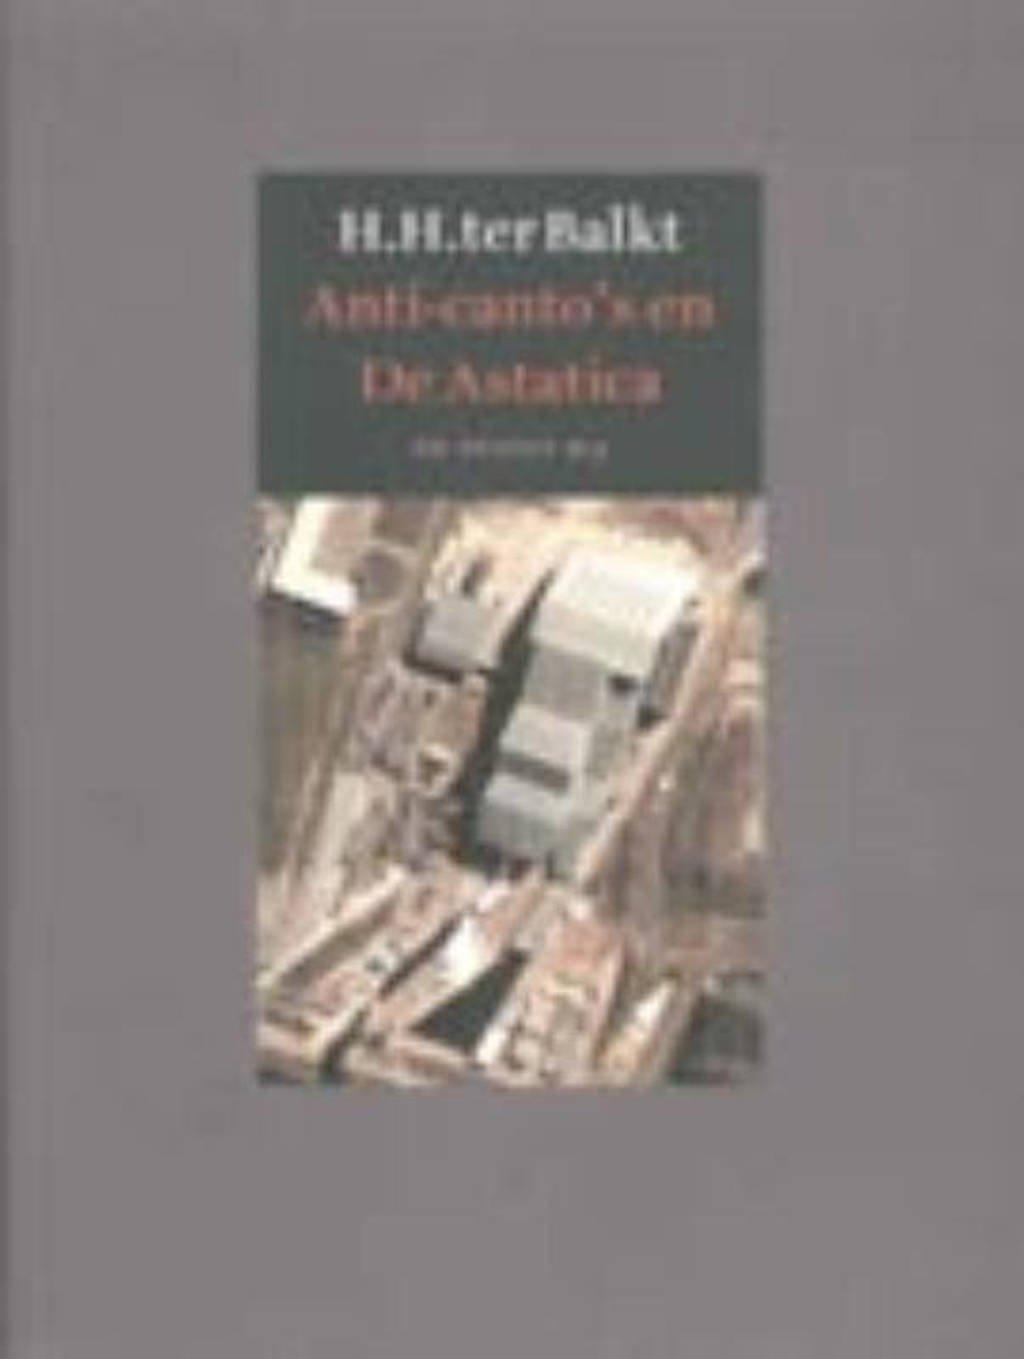 Anti-canto's en De Astatica - H.H. ter Balkt